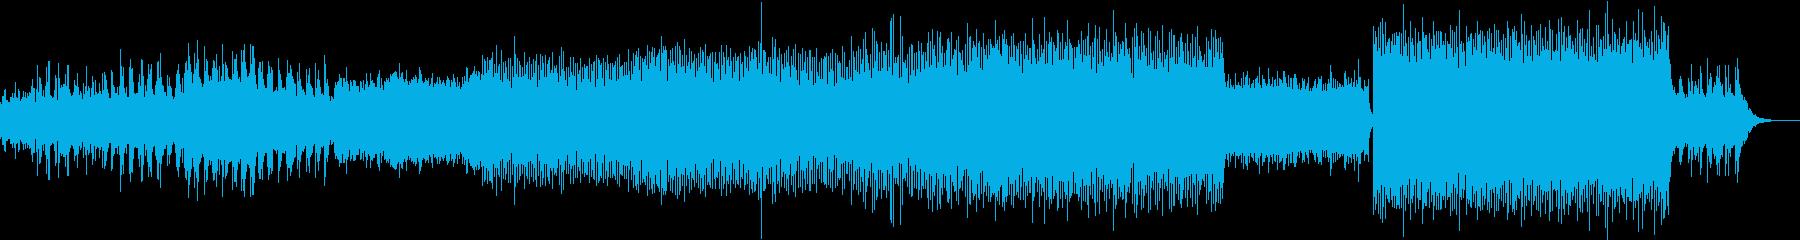 走り続けるランナーをイメージしたテクノ曲の再生済みの波形